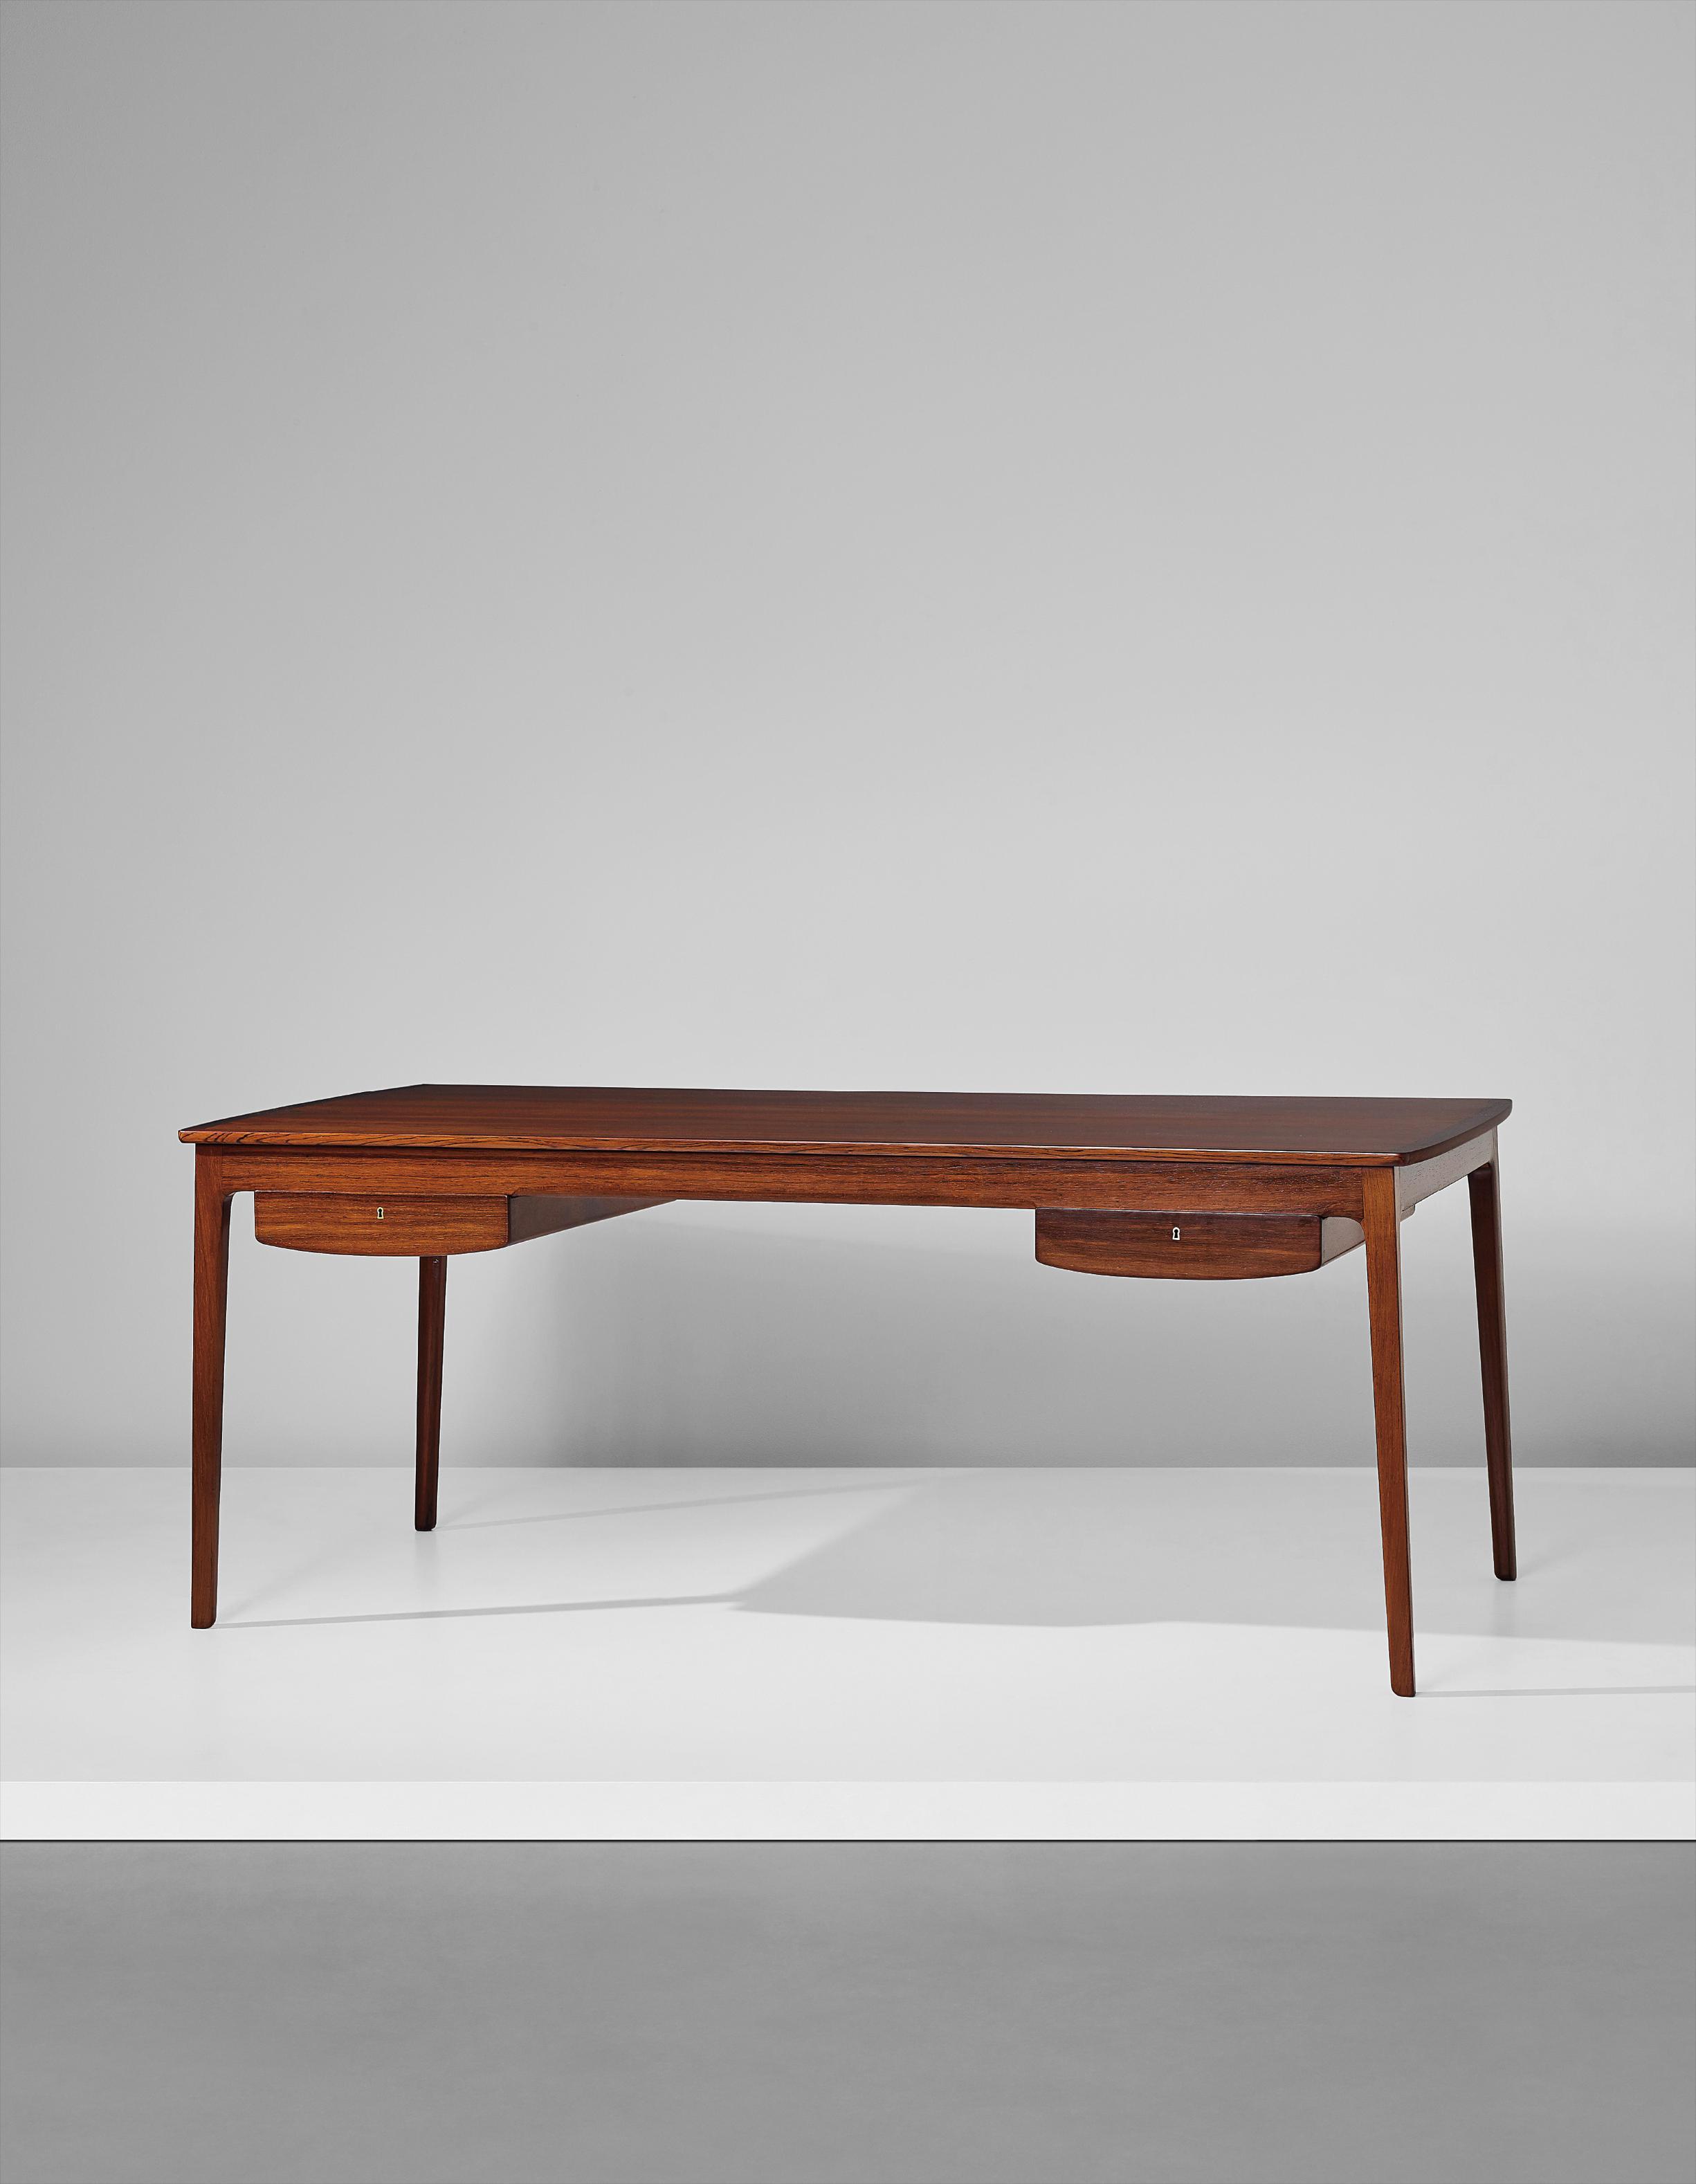 Ole Wanscher - Desk-1954